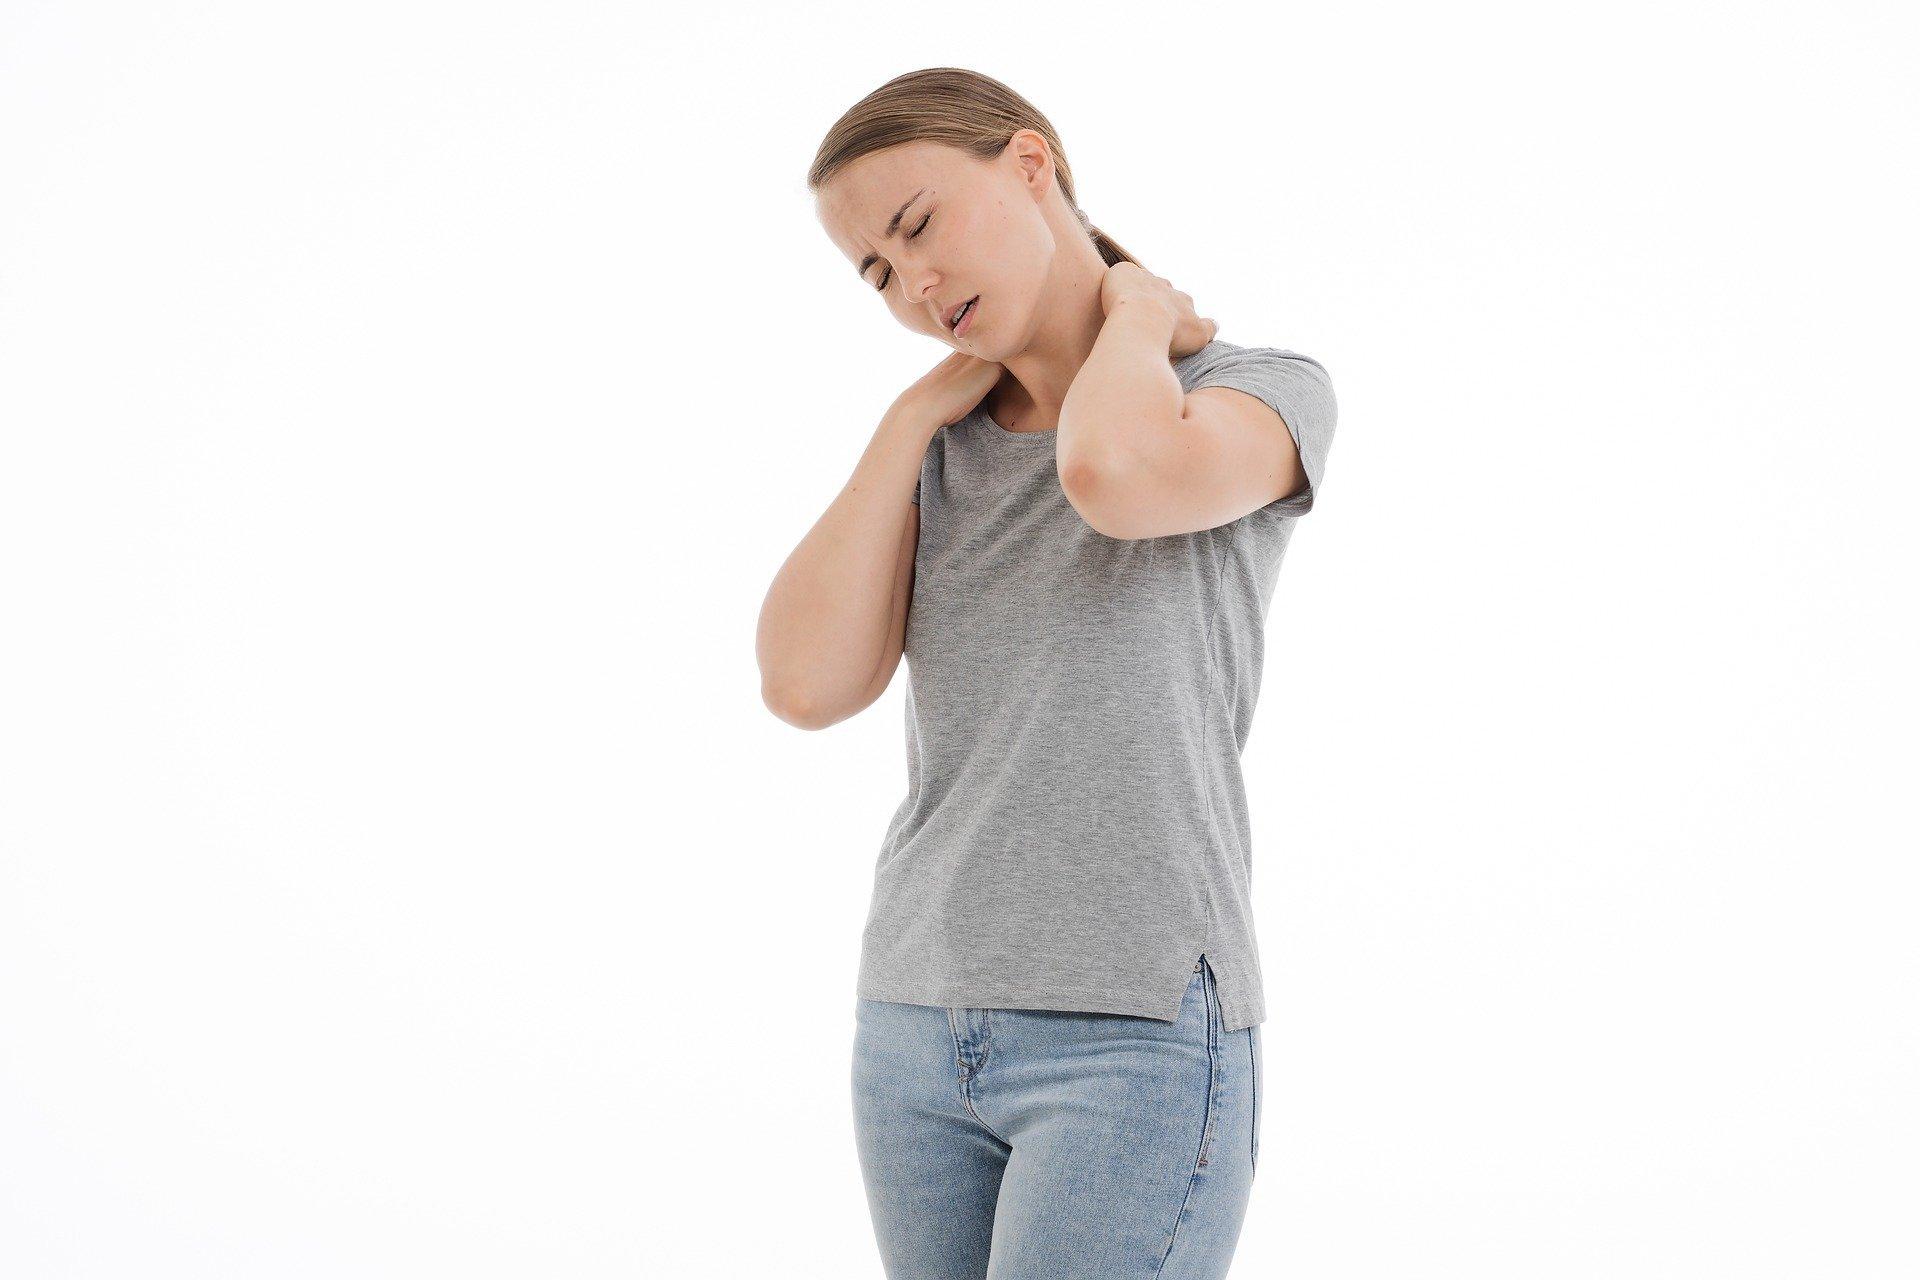 Синдром «Каменного Гостя» - болезнь фасций. Через призму Экологической медицины